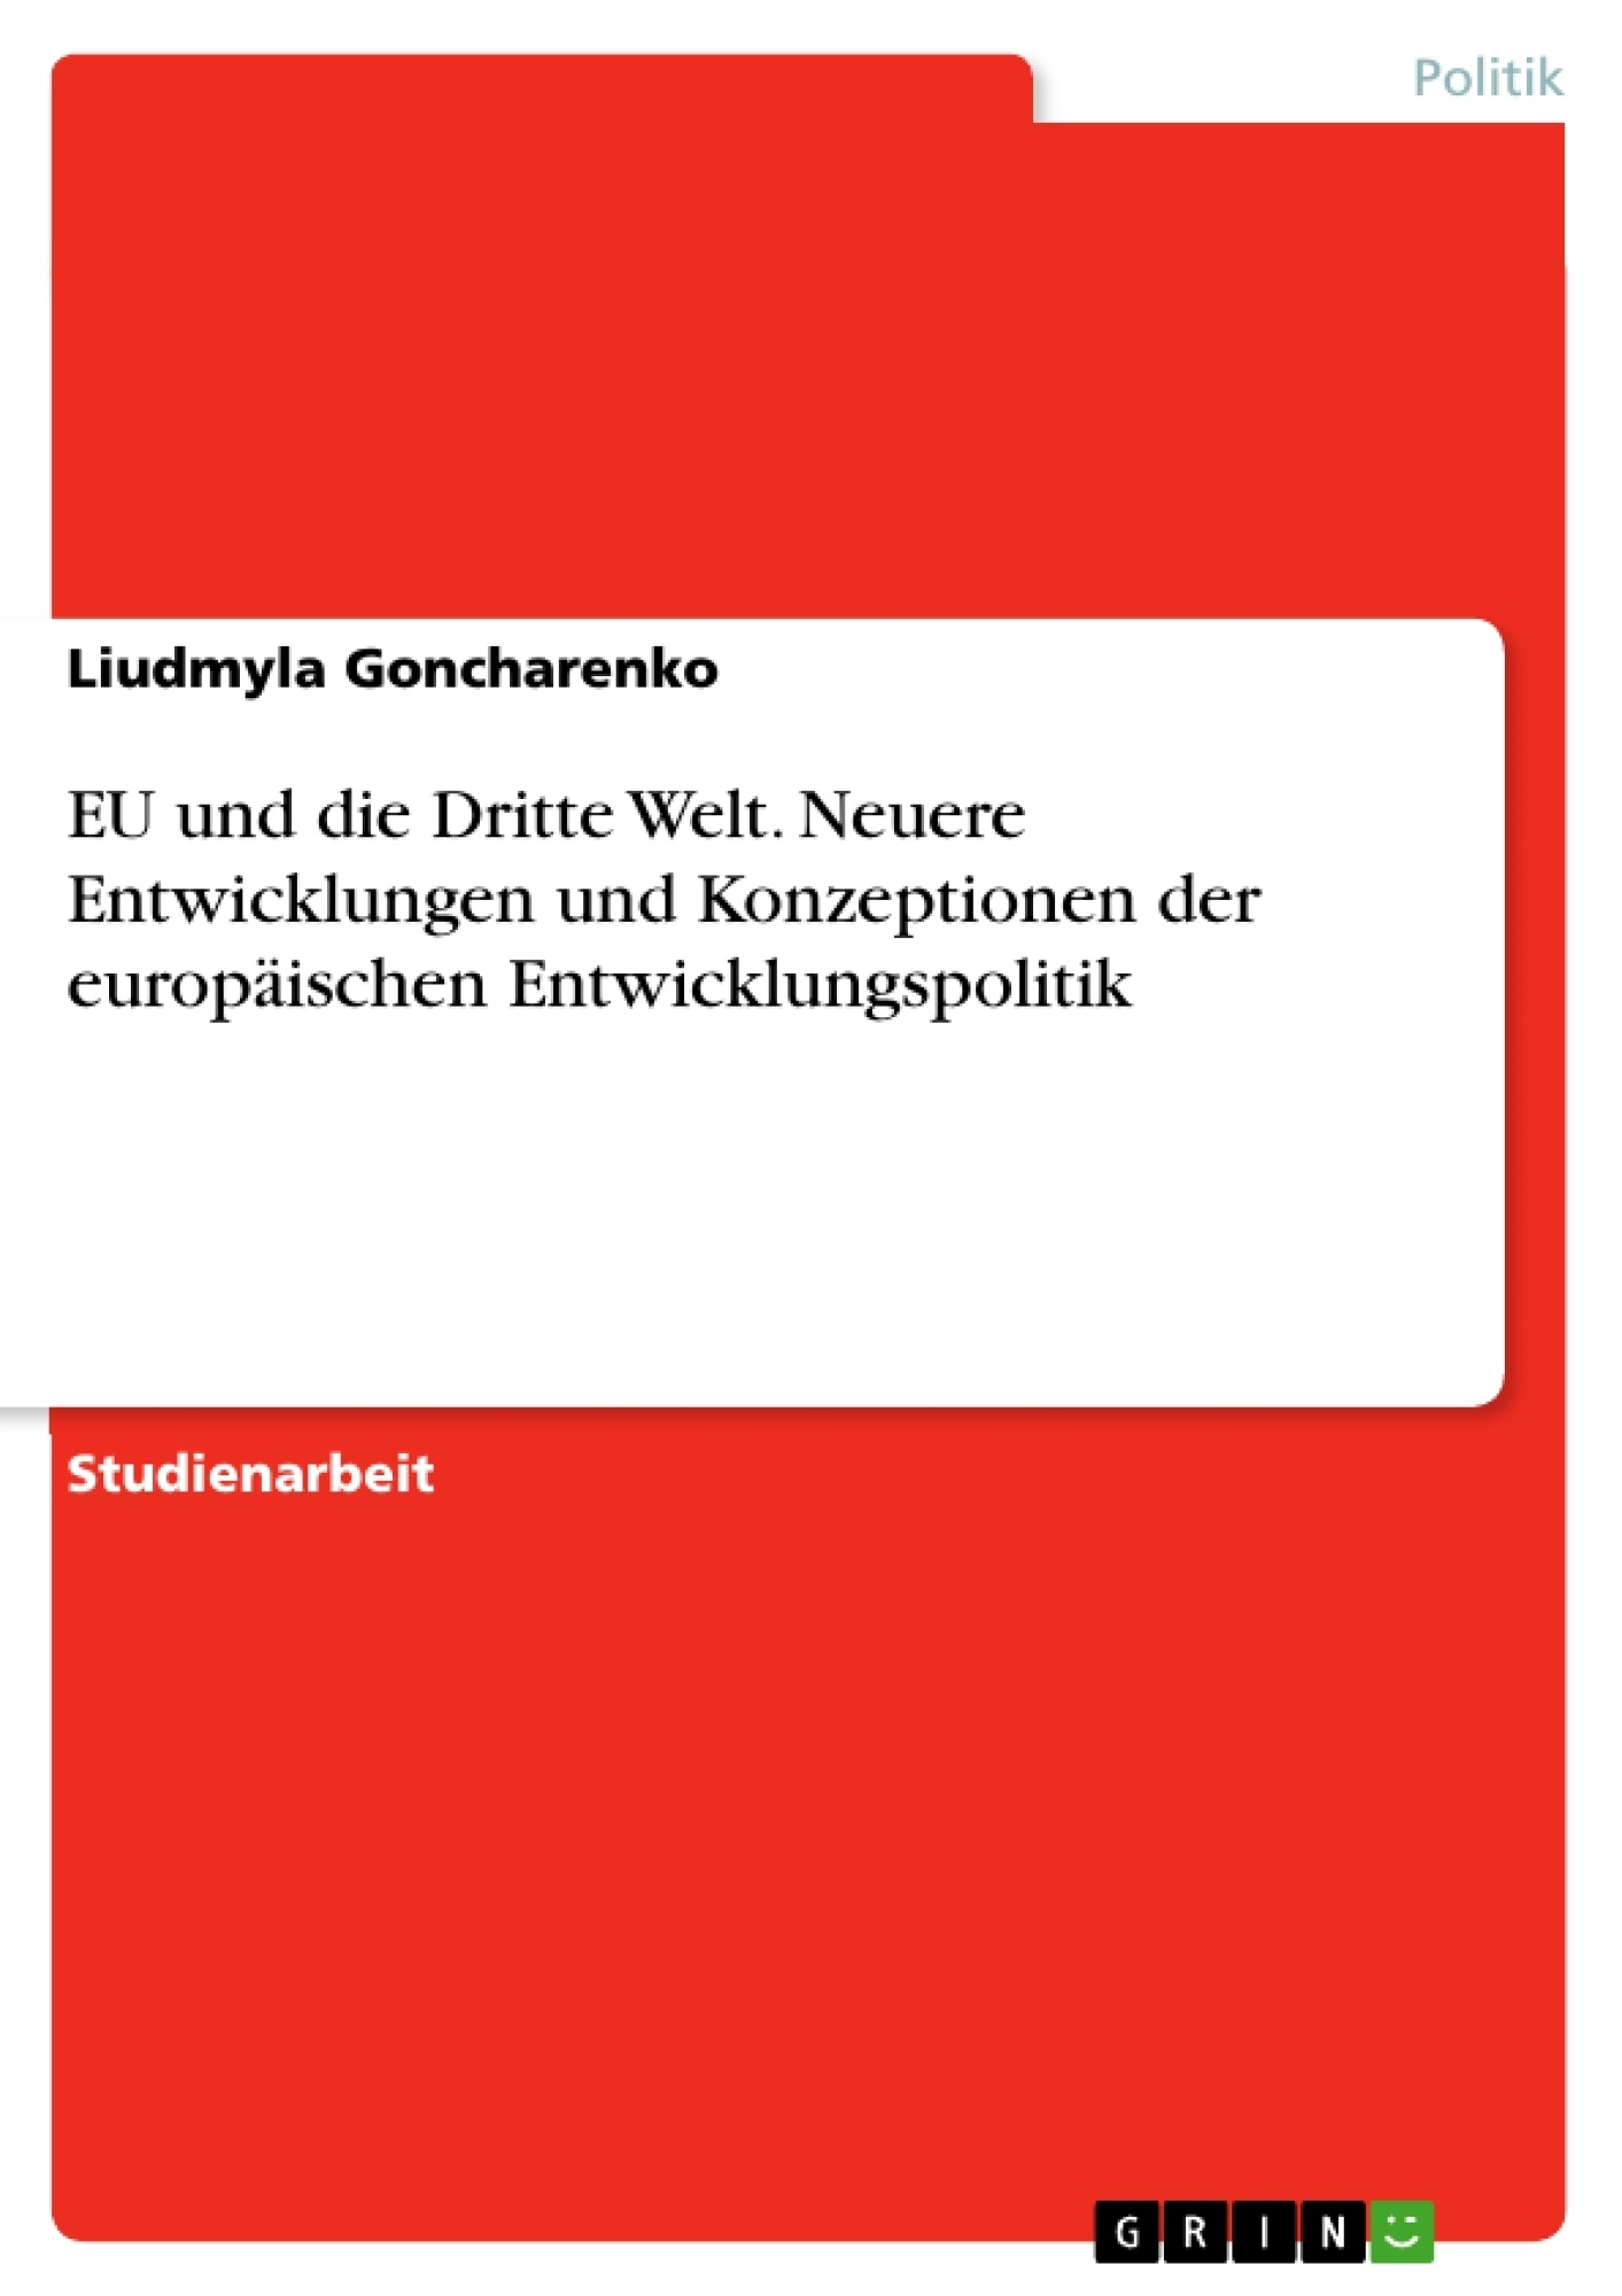 Titel: EU und die Dritte Welt. Neuere Entwicklungen und Konzeptionen der europäischen Entwicklungspolitik